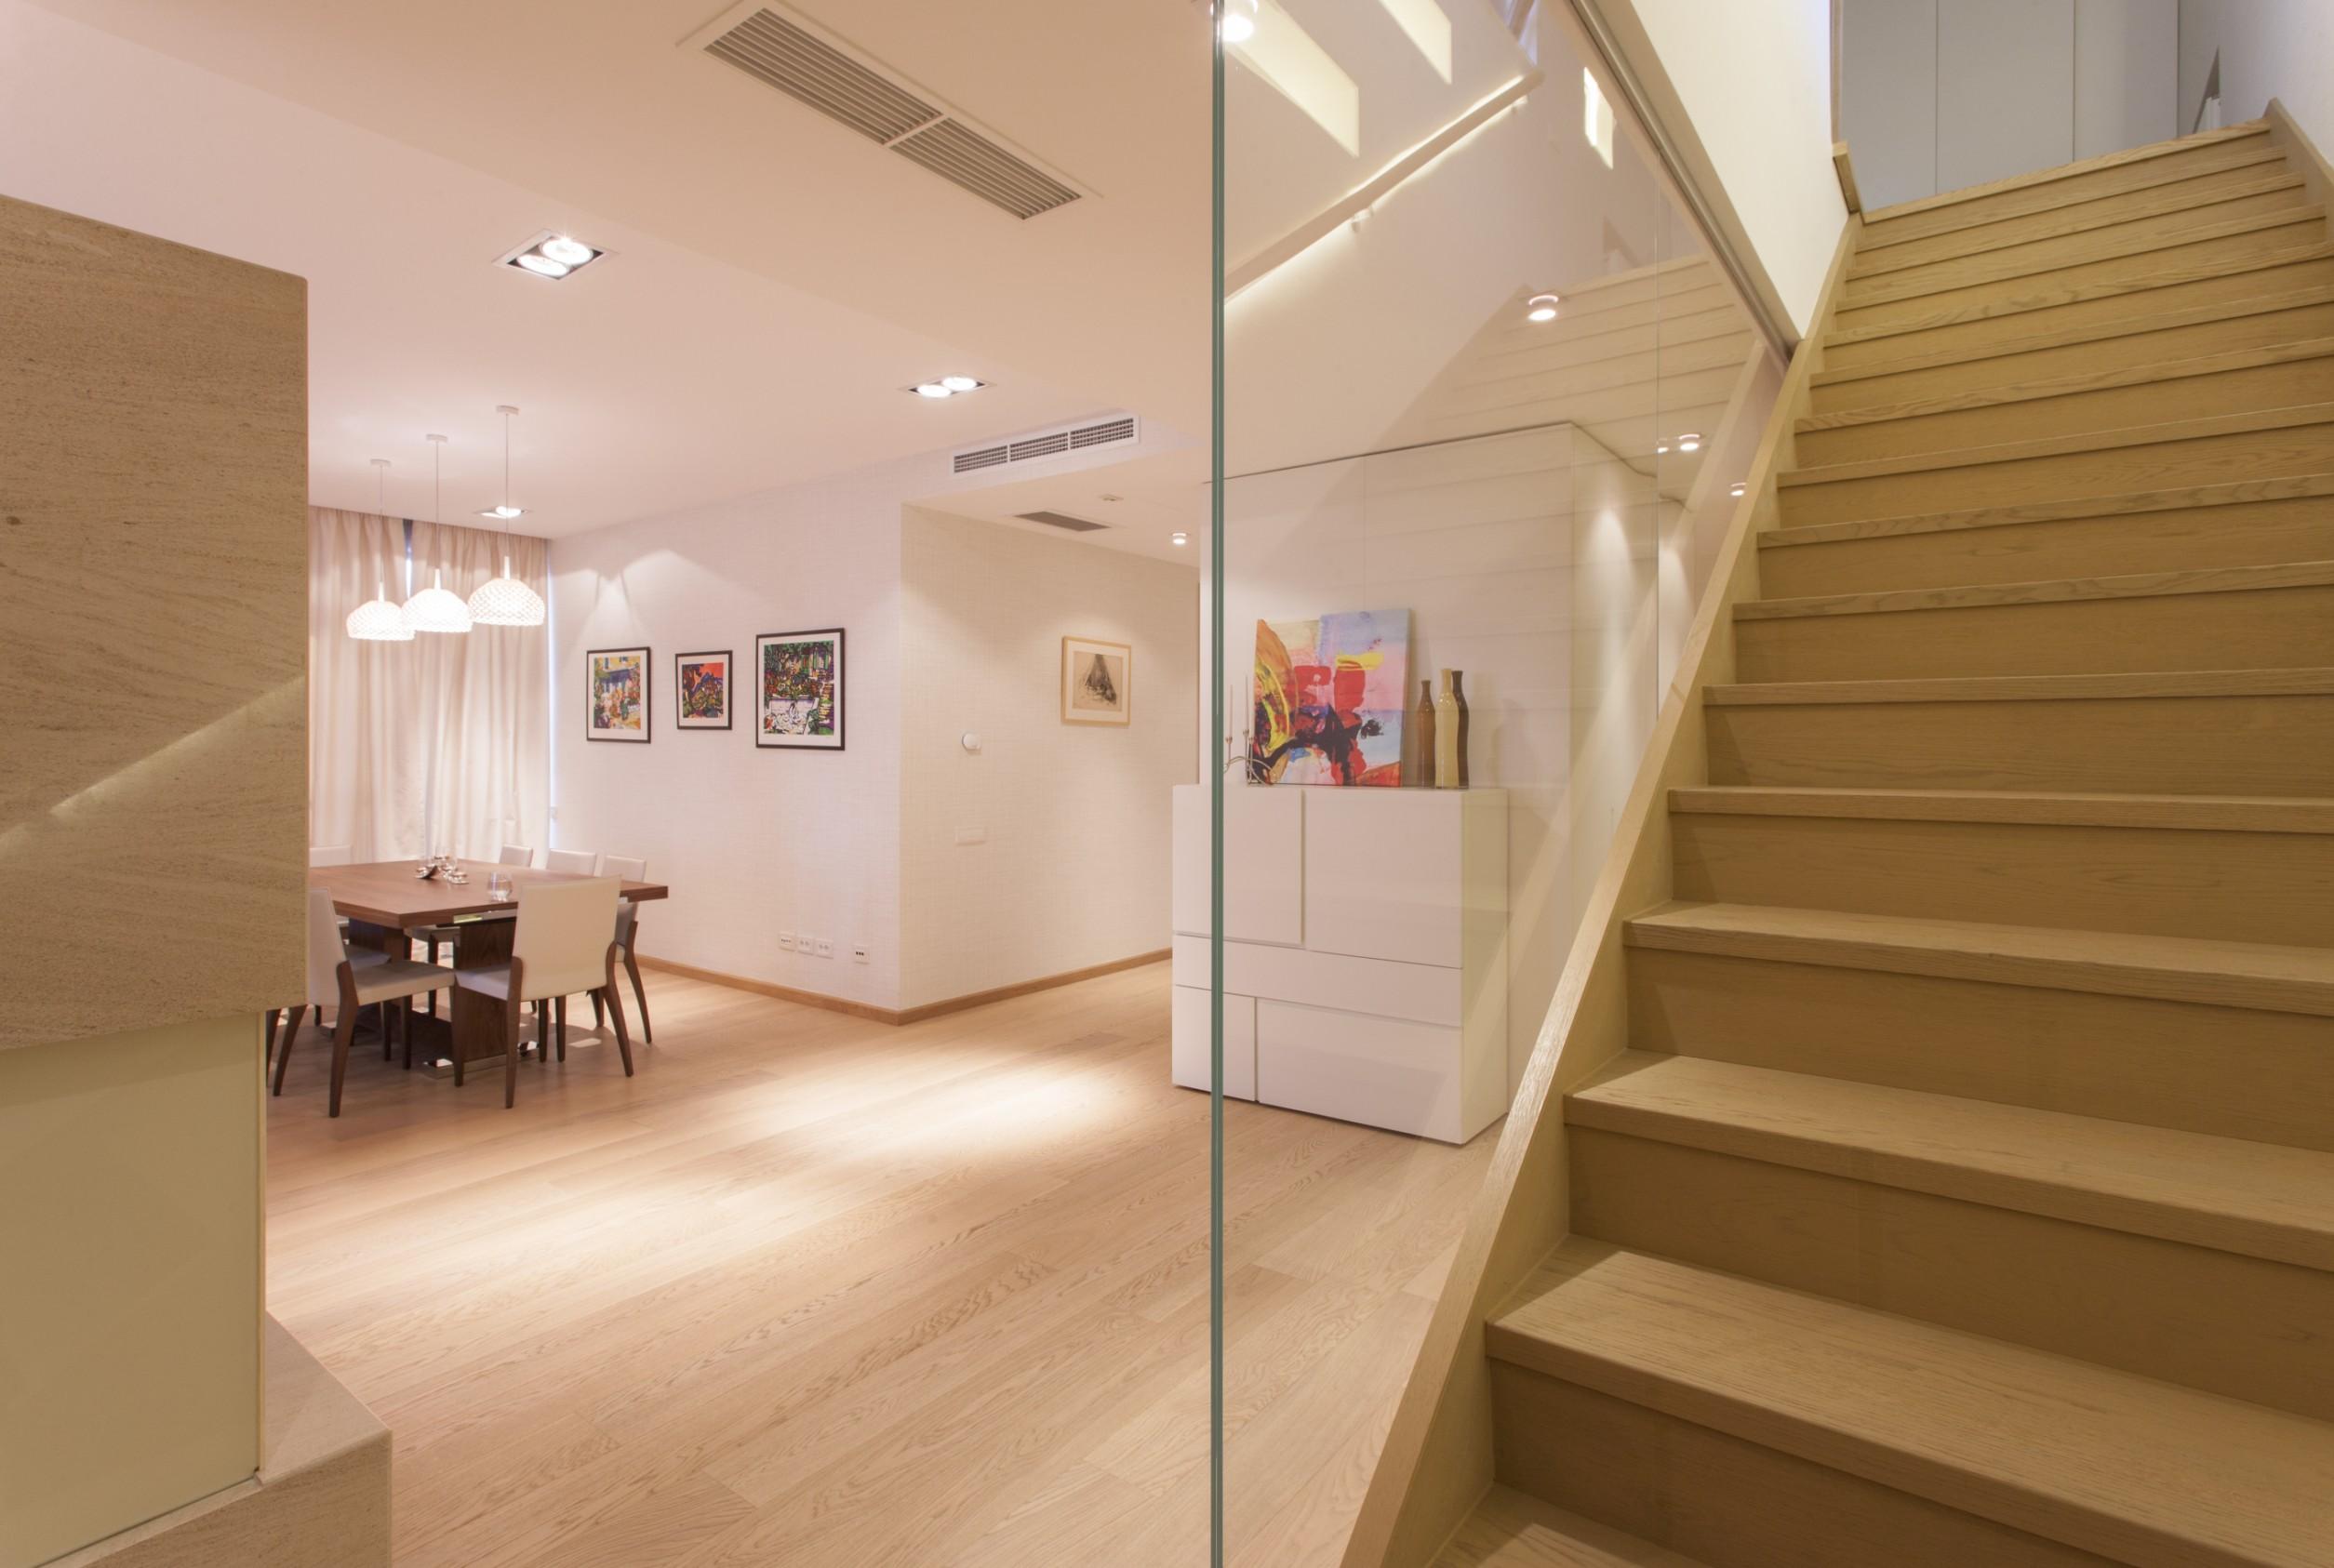 https://nbc-arhitect.ro/wp-content/uploads/2020/10/NBC-Arhitect-_-Petofi-Sandor-_-Housing-_-interior-design_18.jpg